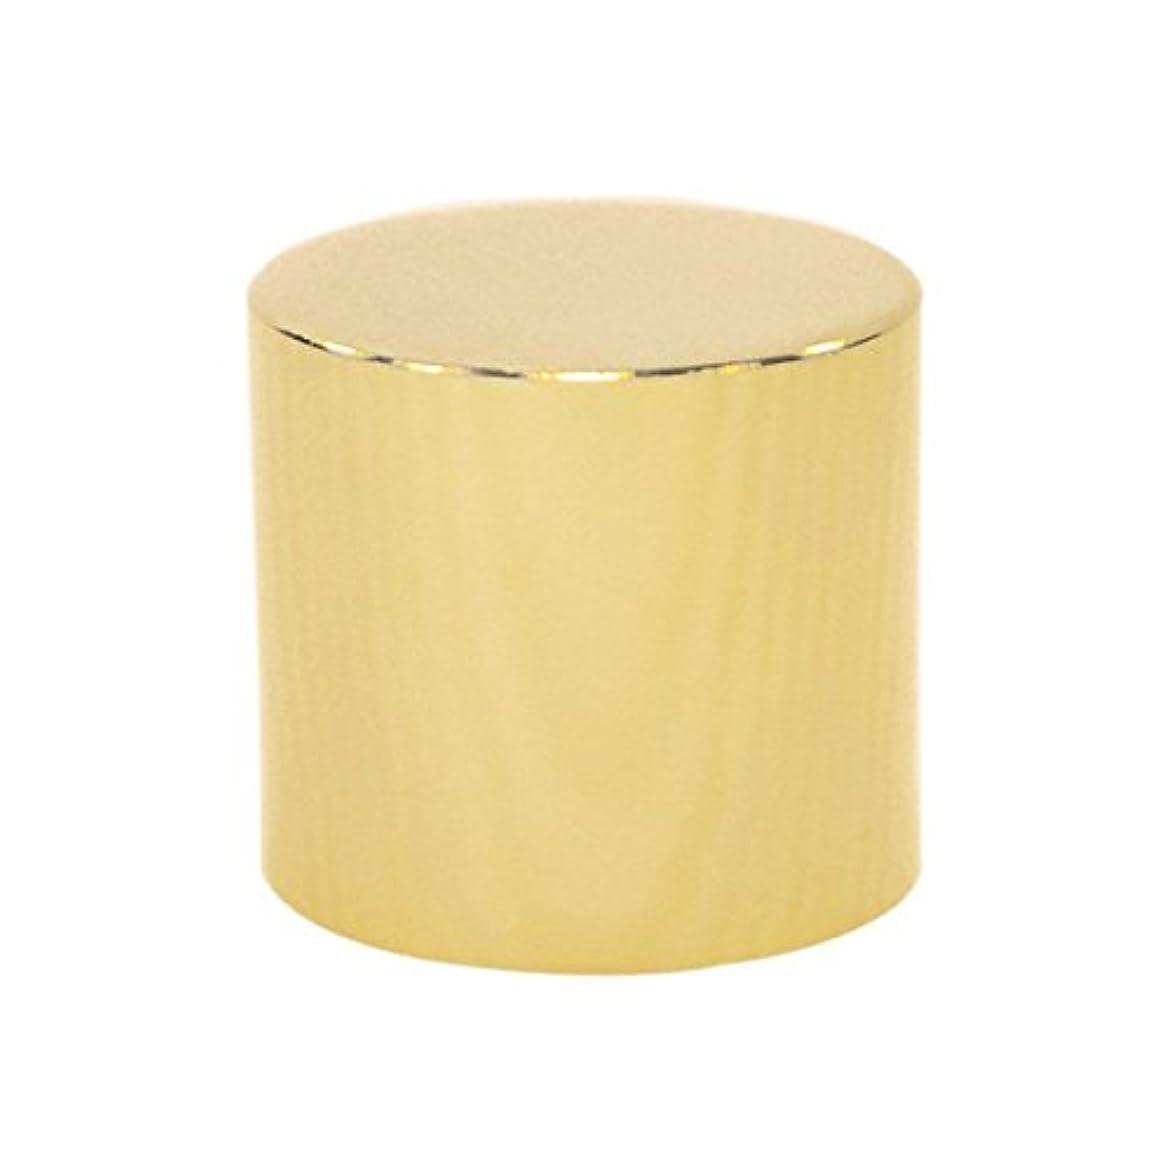 道虚偽平方ランプベルジェ(LAMPE BERGER)消火キャップ【正規輸入品】密閉蓋ゴールド